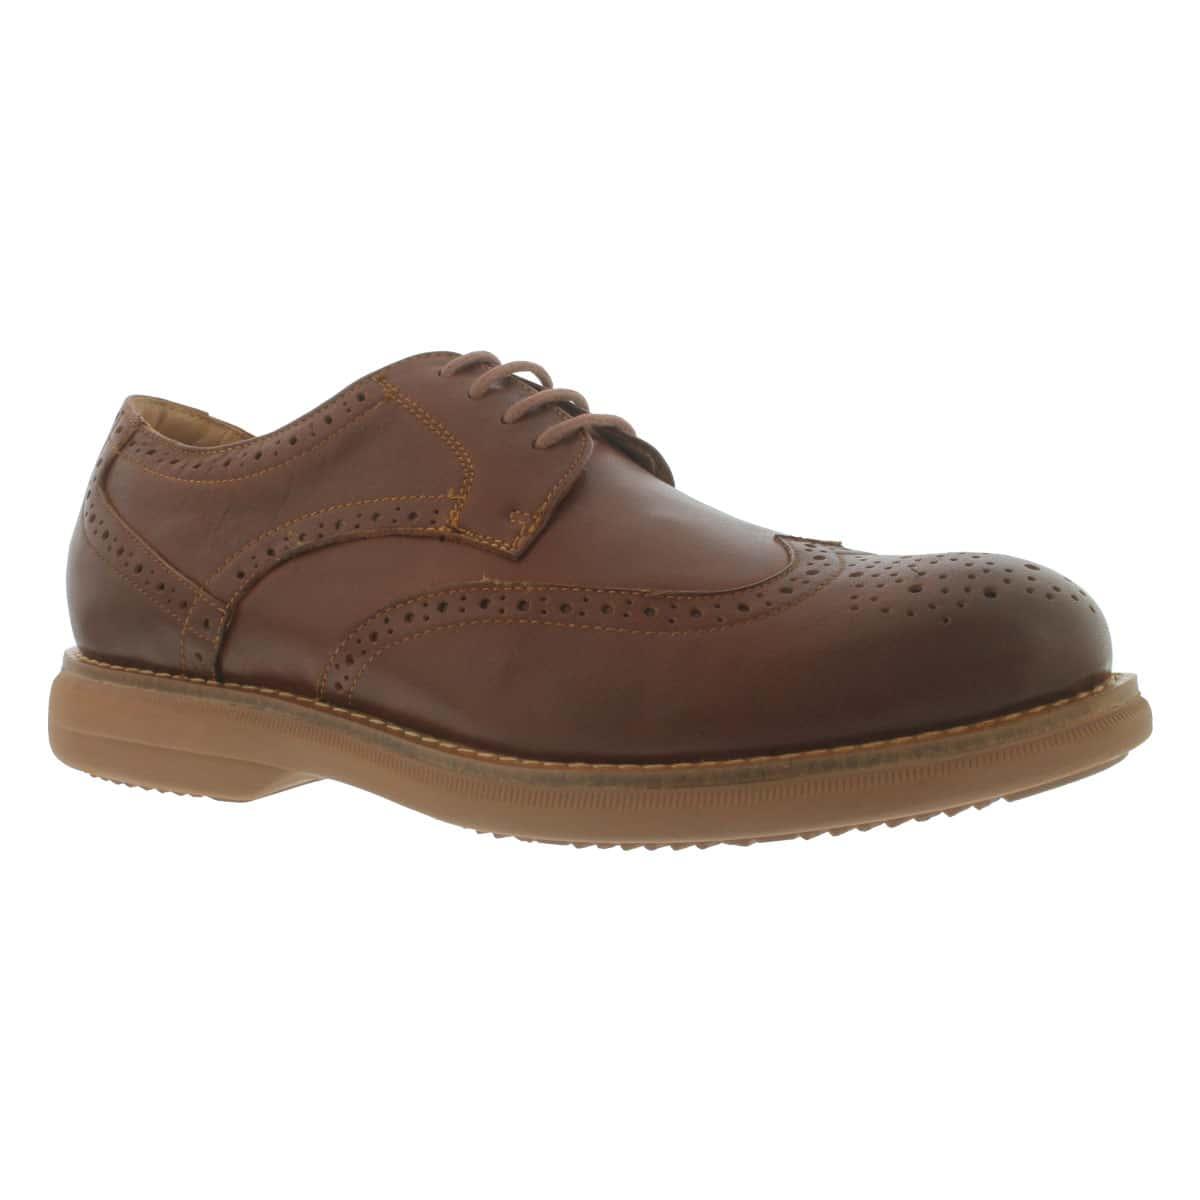 Mns Motion cognac 4-eye dress shoe